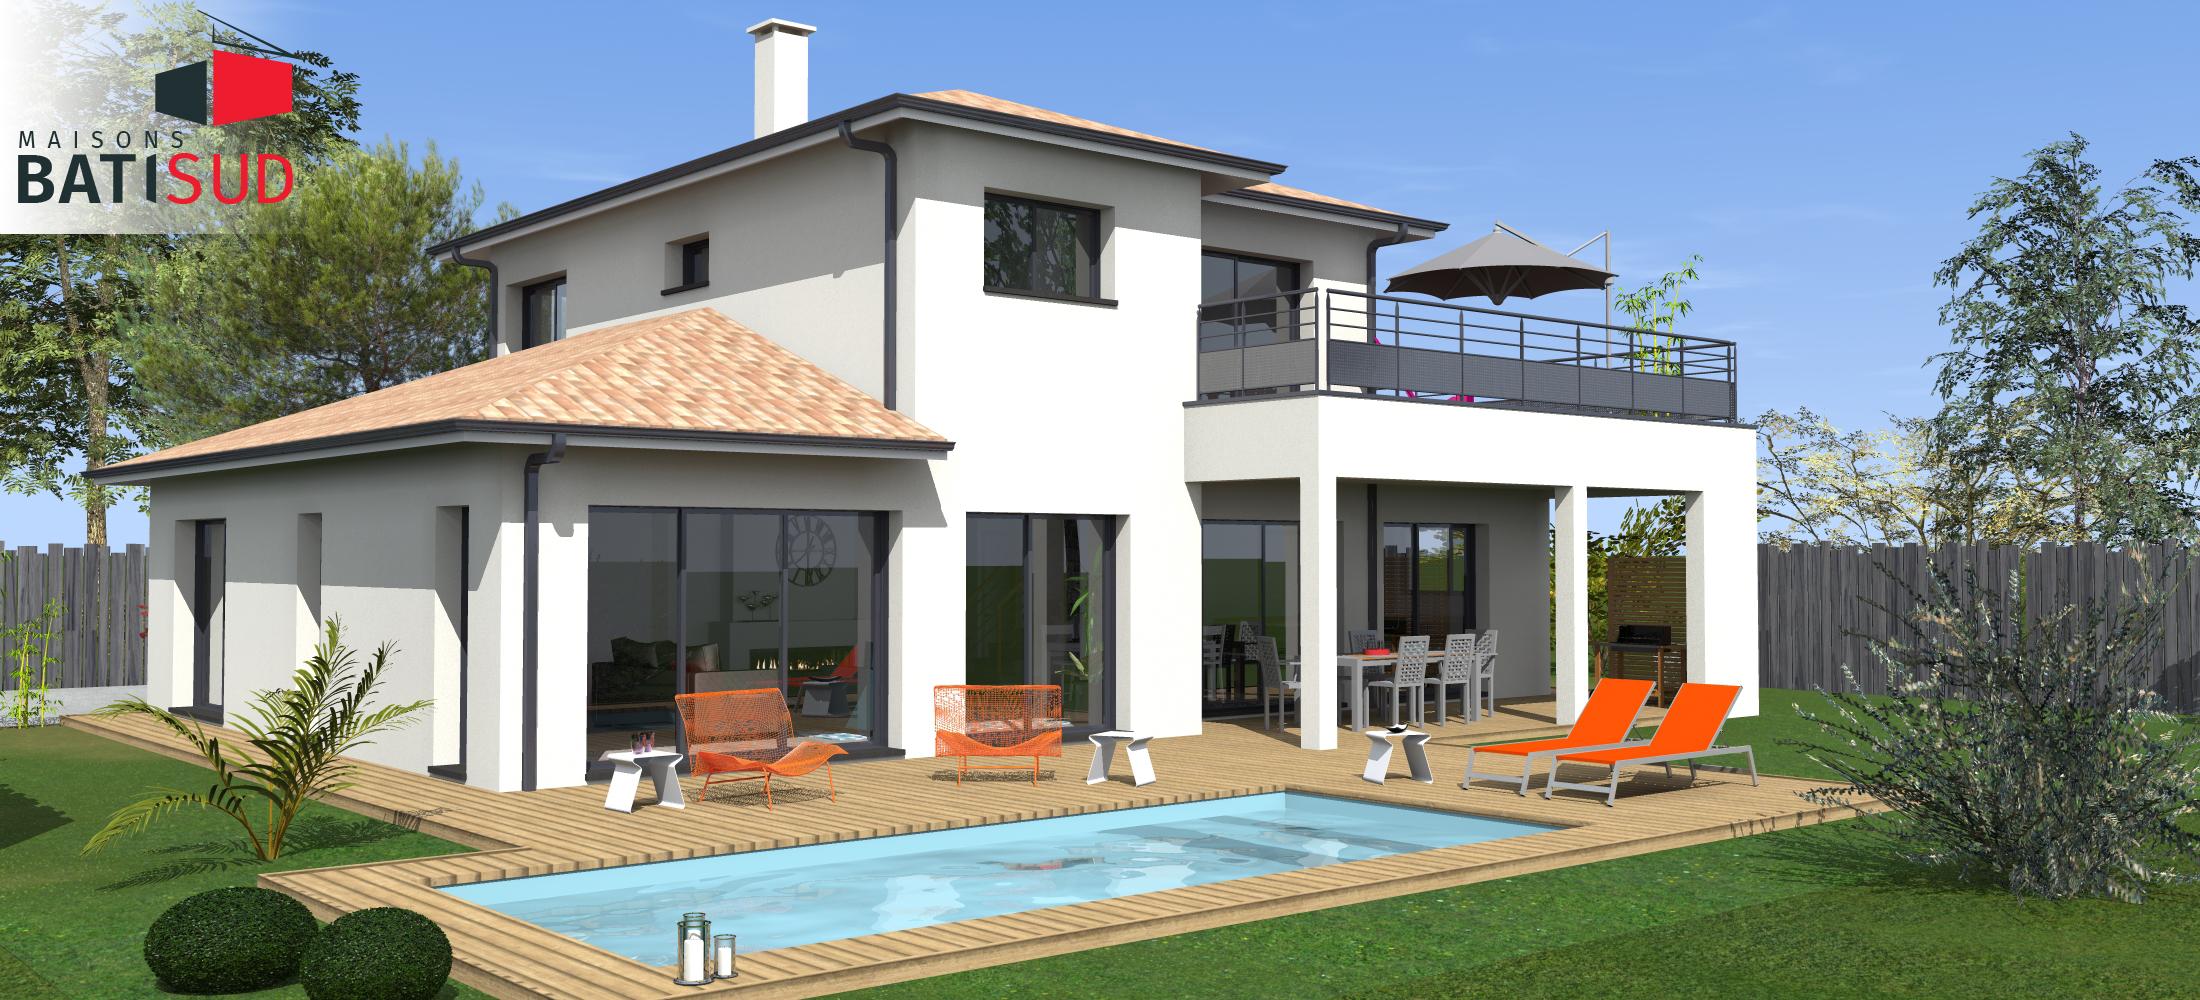 Nos maisons - Maisons Bati Sud